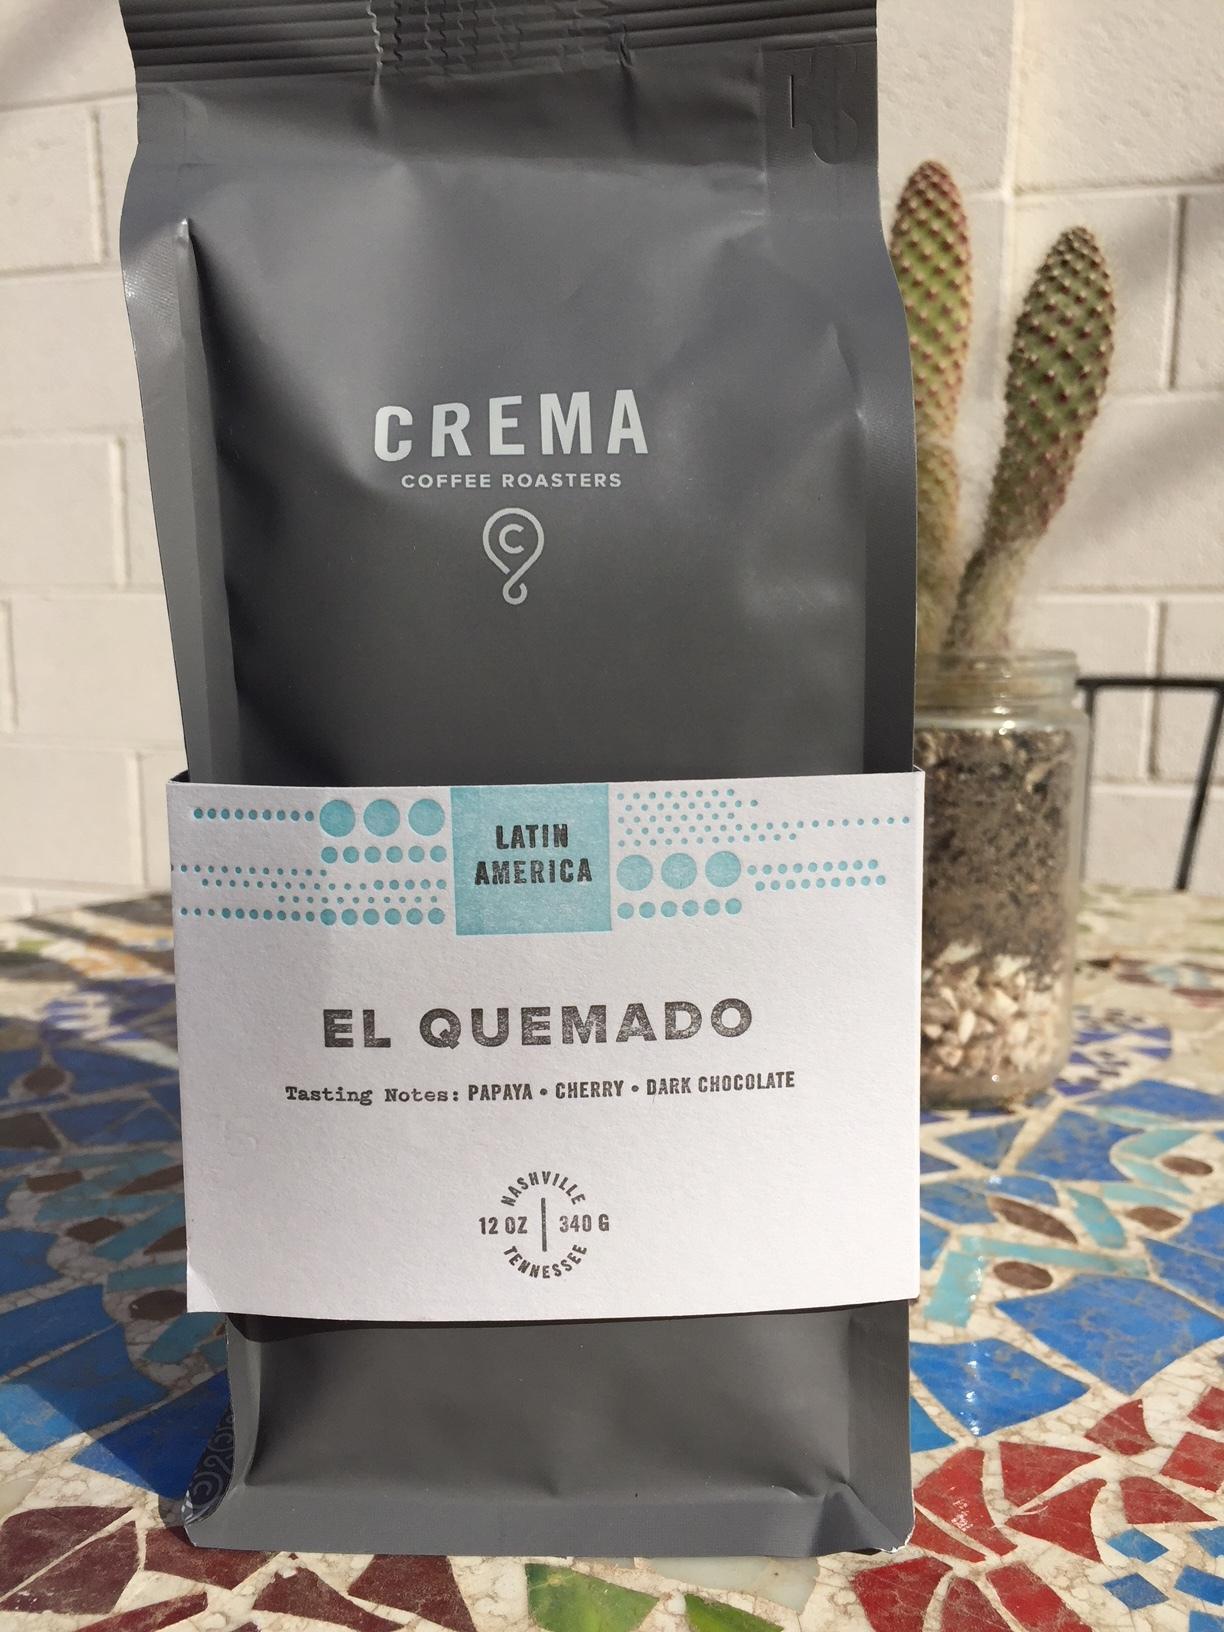 Crema Coffee Roasters El Quemado.JPG